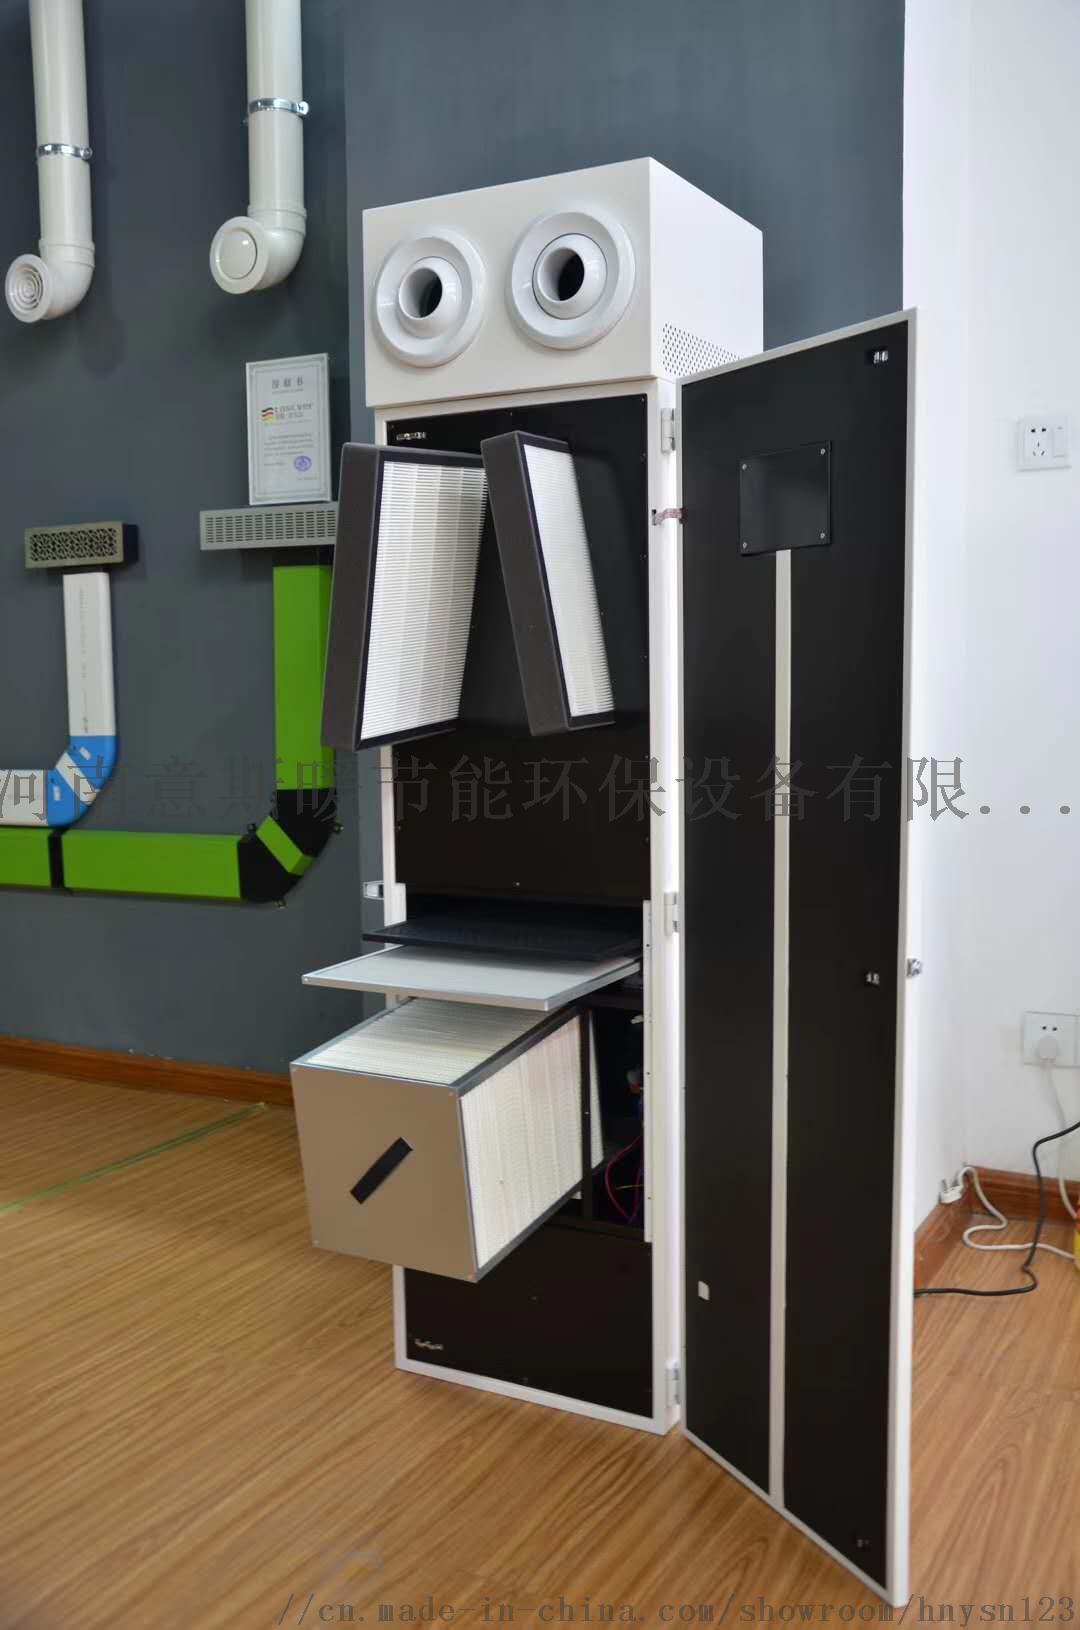 萊斯·克韋爾新風壁掛機智慧家用櫃機限時促銷中107326785